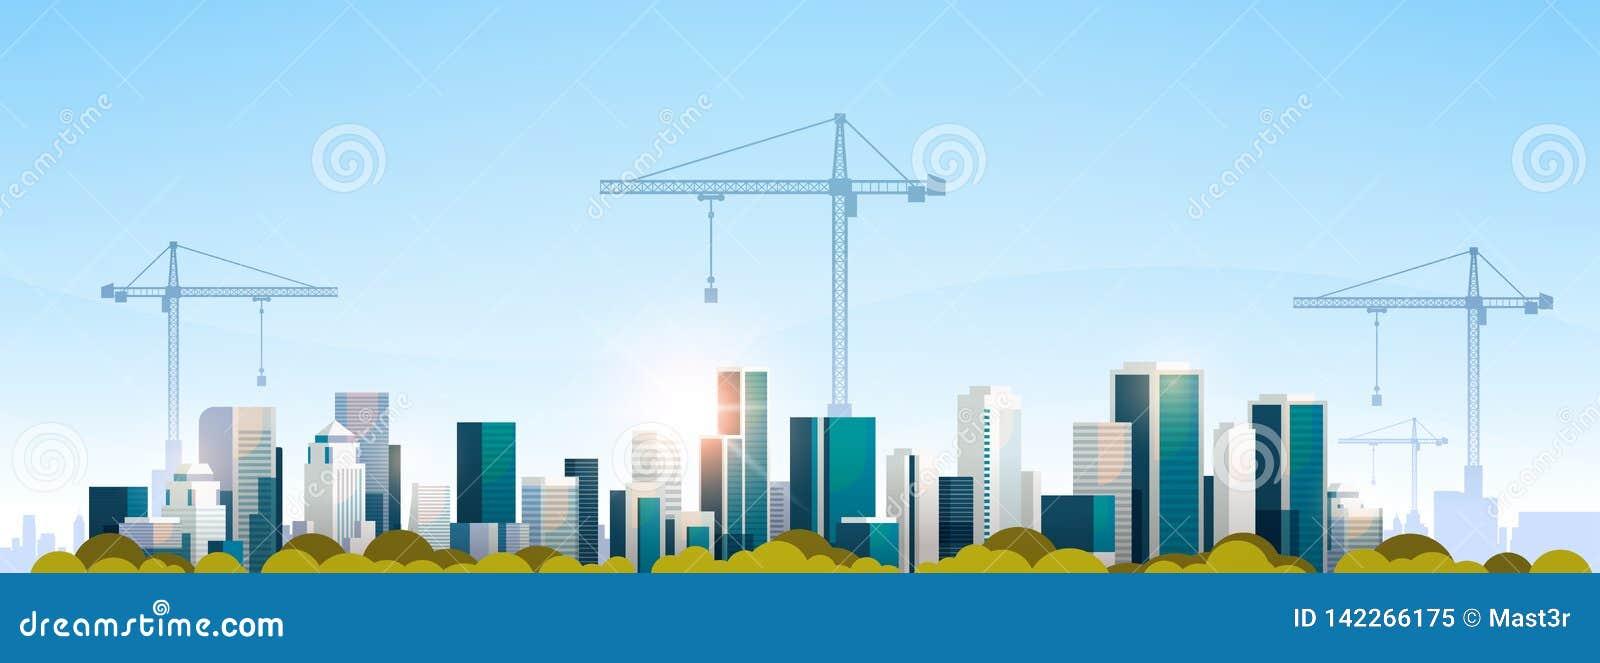 Guindastes de torre modernos do canteiro de obras da cidade que constroem o plano do fundo da skyline do por do sol da arquitetur